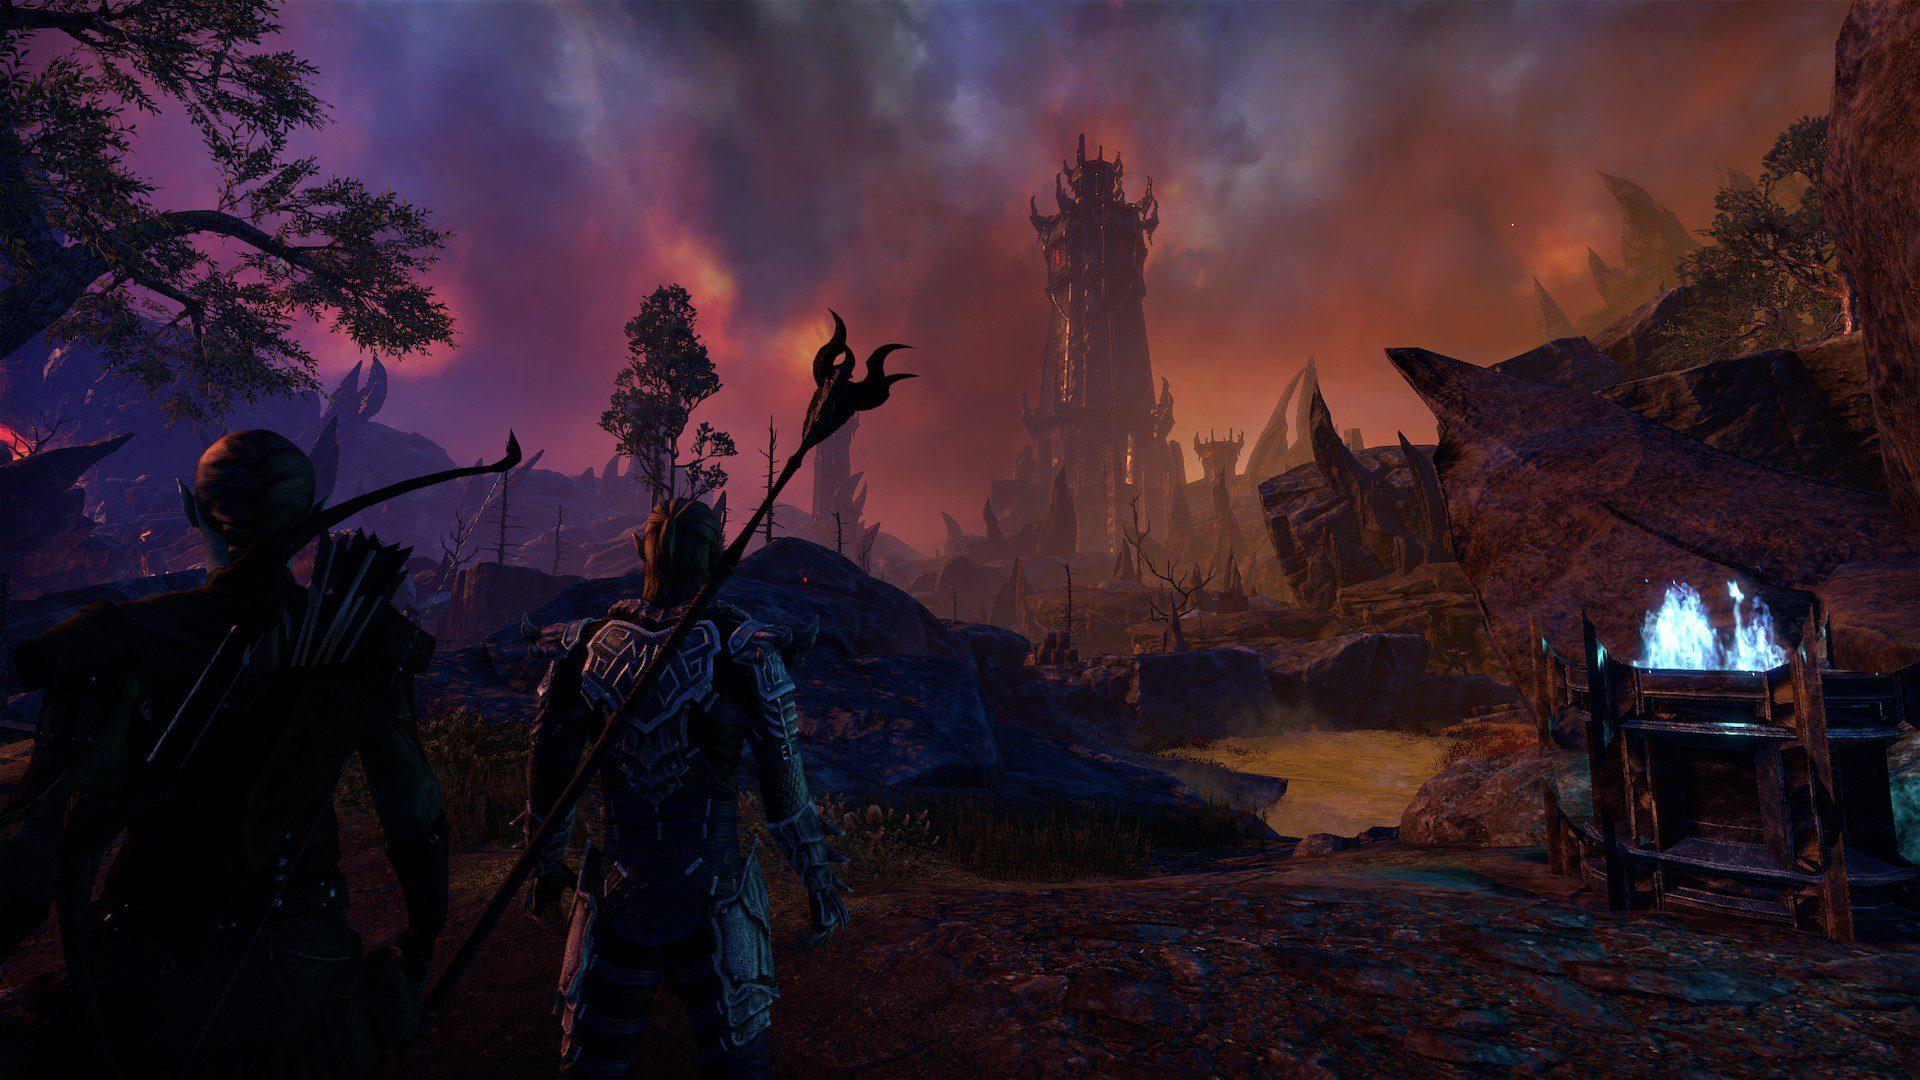 Impresiones de The Elder Scrolls Online: Blackwood y su actualización para Xbox Series X|S - Analizamos en profundidad la última expansión de Elder Scrolls Online llamada Blackwood, además de probar la nueva actualización para Xbox Series X|S.